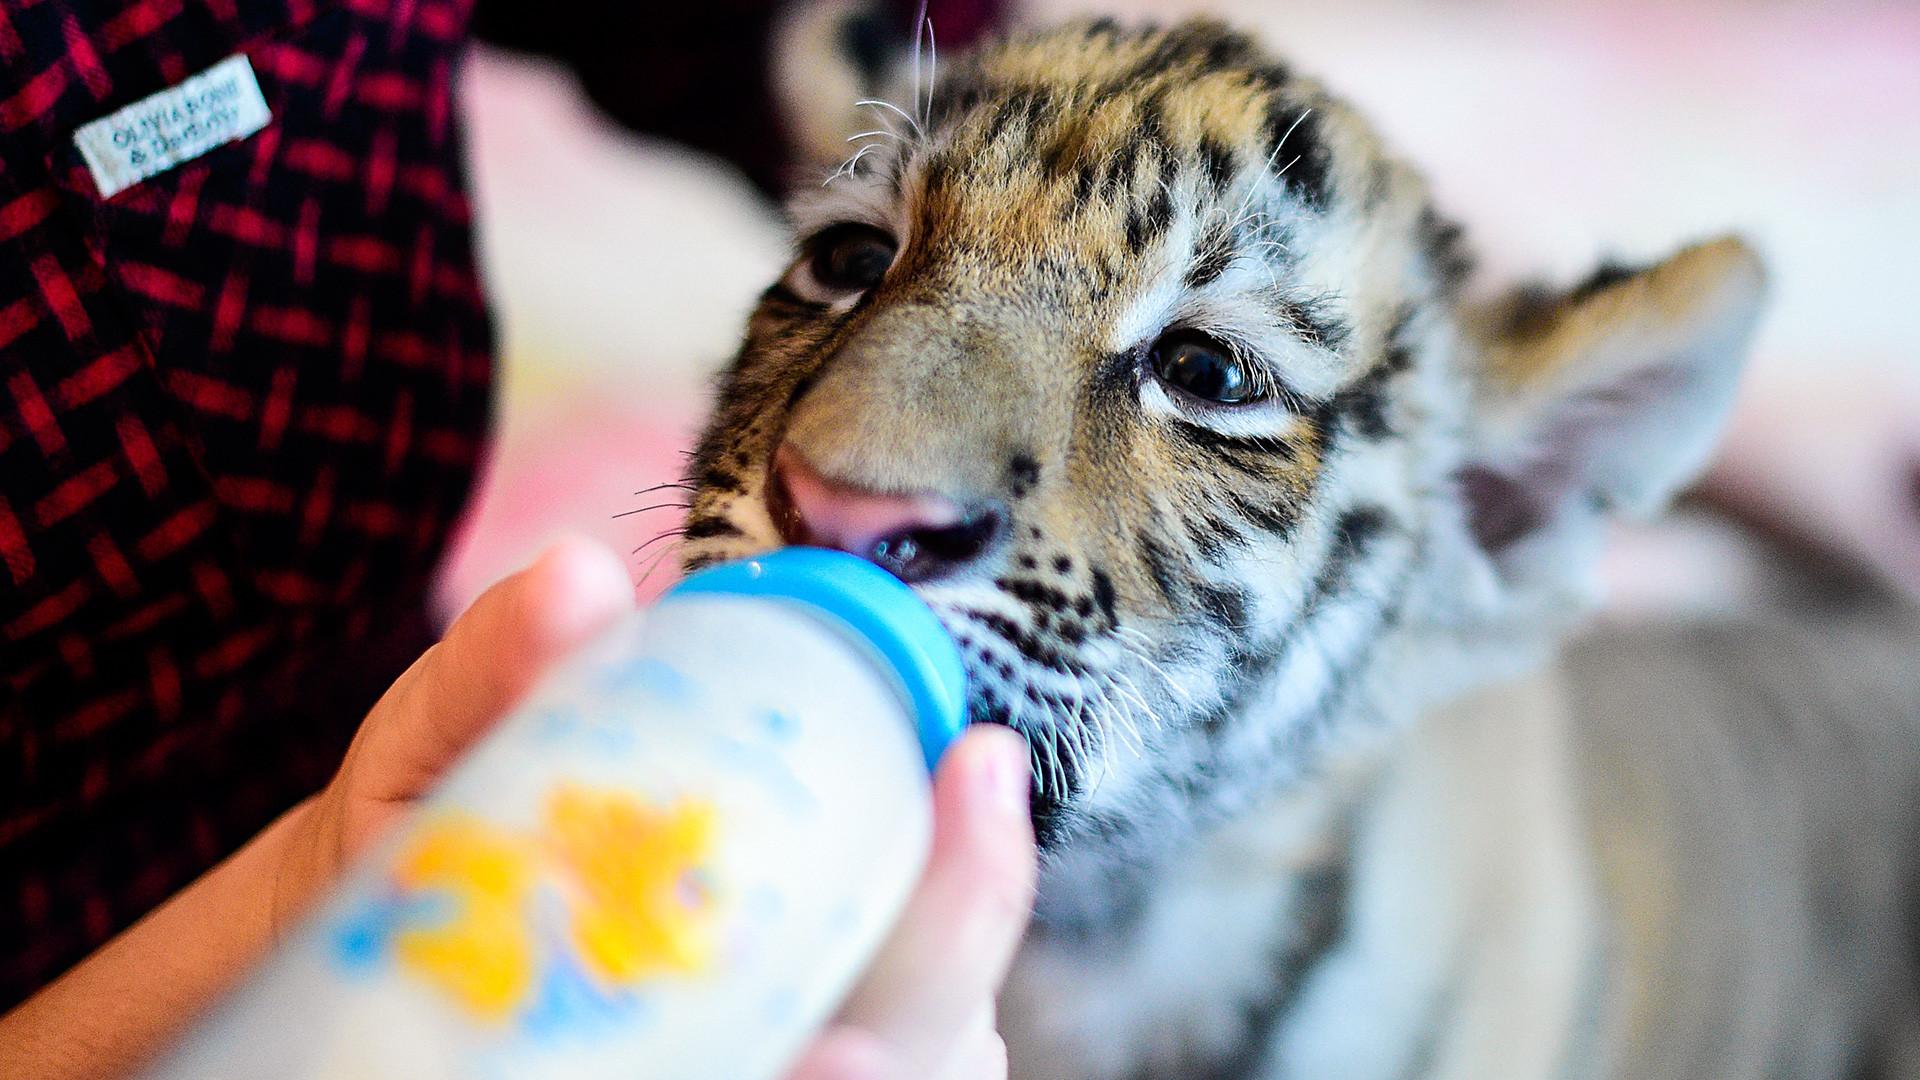 Dokter hewan Vasilina Tataurova memberi makan Sherkhan, seekor anak harimau Siberia berusia dua bulan, di rumahnya di desa Shkotovo. Sherkhan lahir pada September 2016 dari pasangan harimau Siberia Amur dan Ussuri di Taman Safari Primorye.